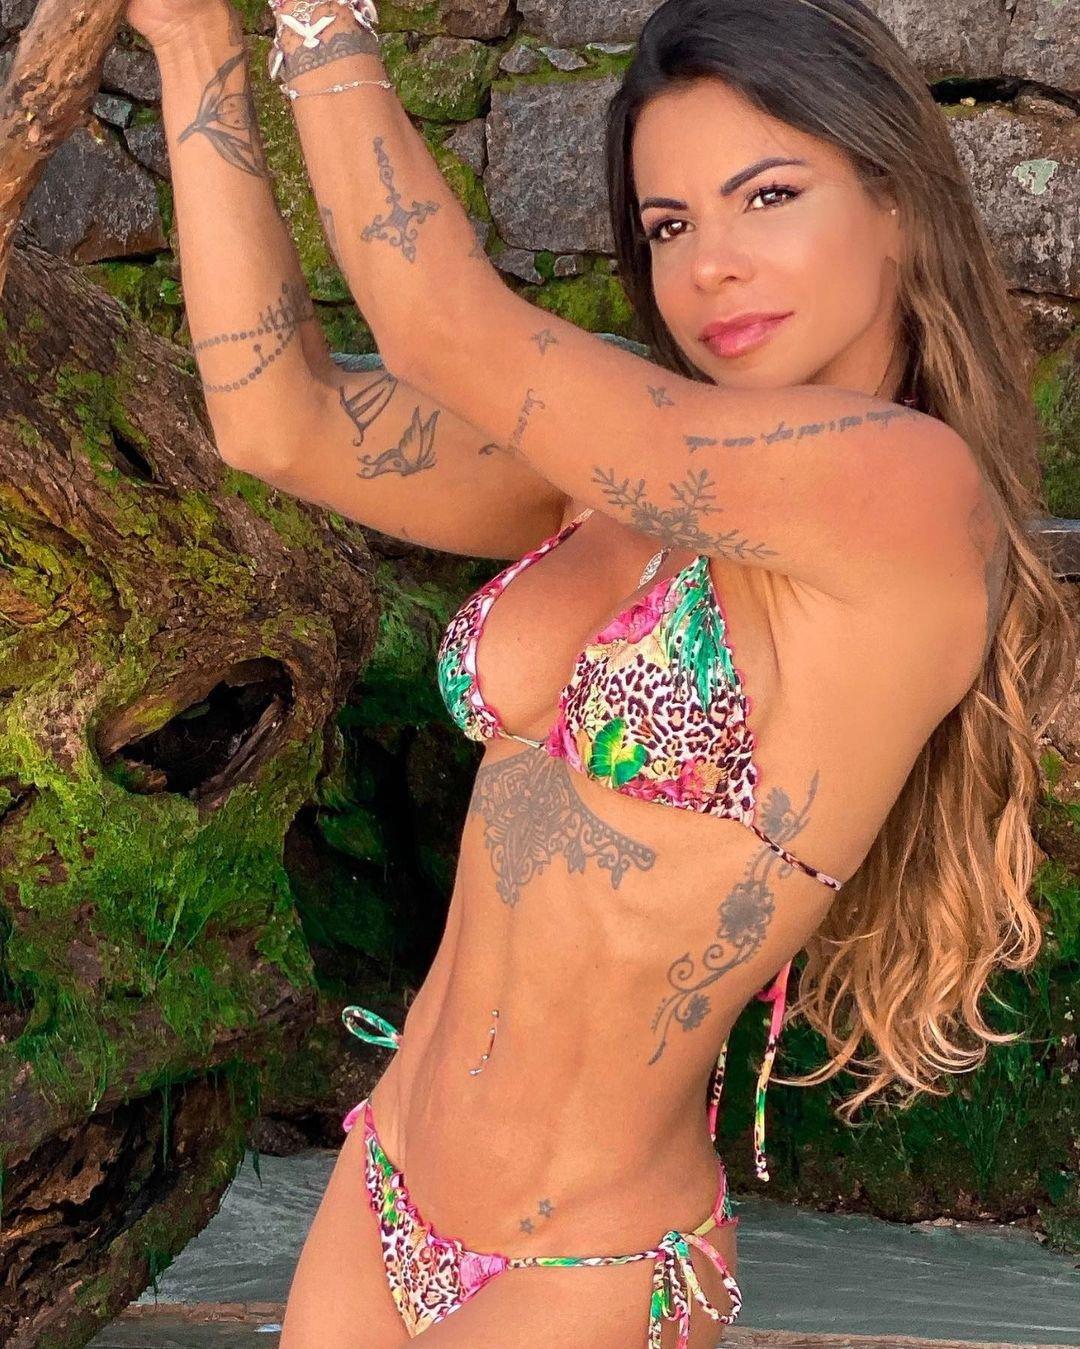 Não é verdade', diz mulher acusada de ser pivô da separação de ex Power Couple | Fábia Oliveira | O Dia